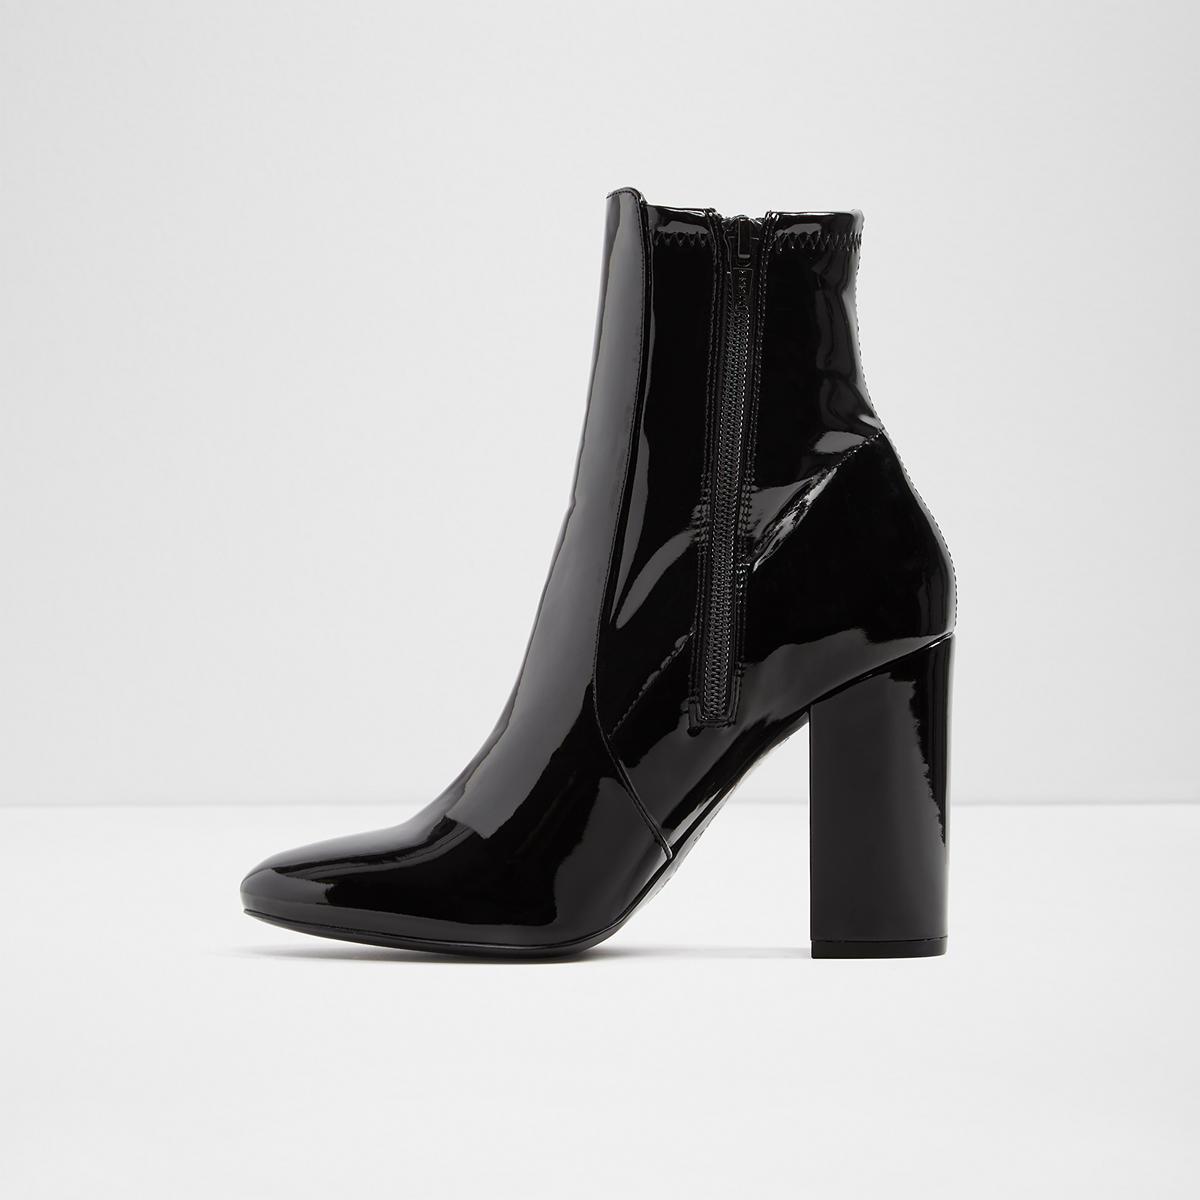 7411fb15c90 Aurella Black Patent Women s Ankle boots